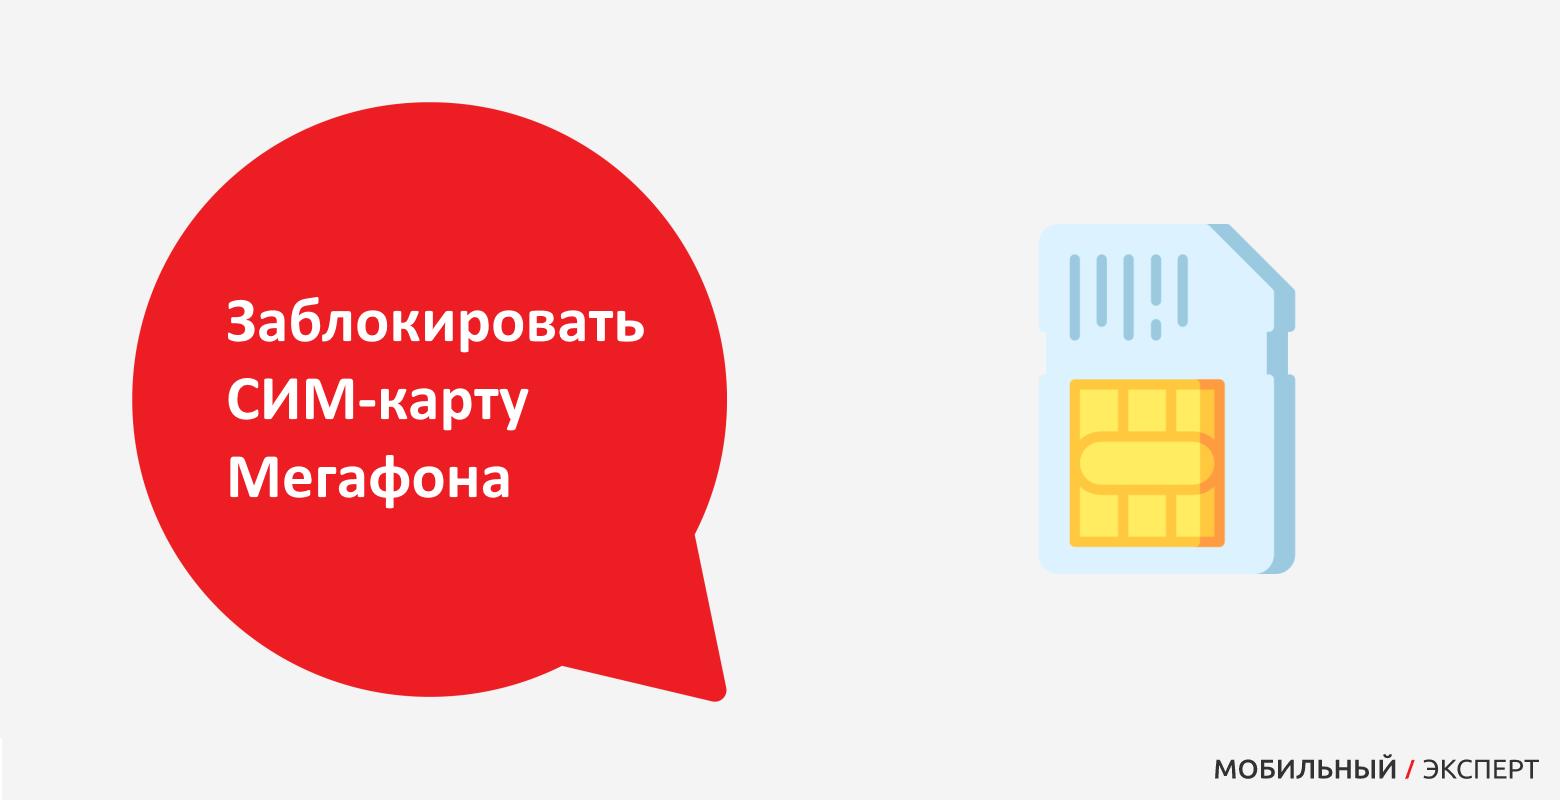 Как заблокировать СИМ-карту Мегафона самостоятельно